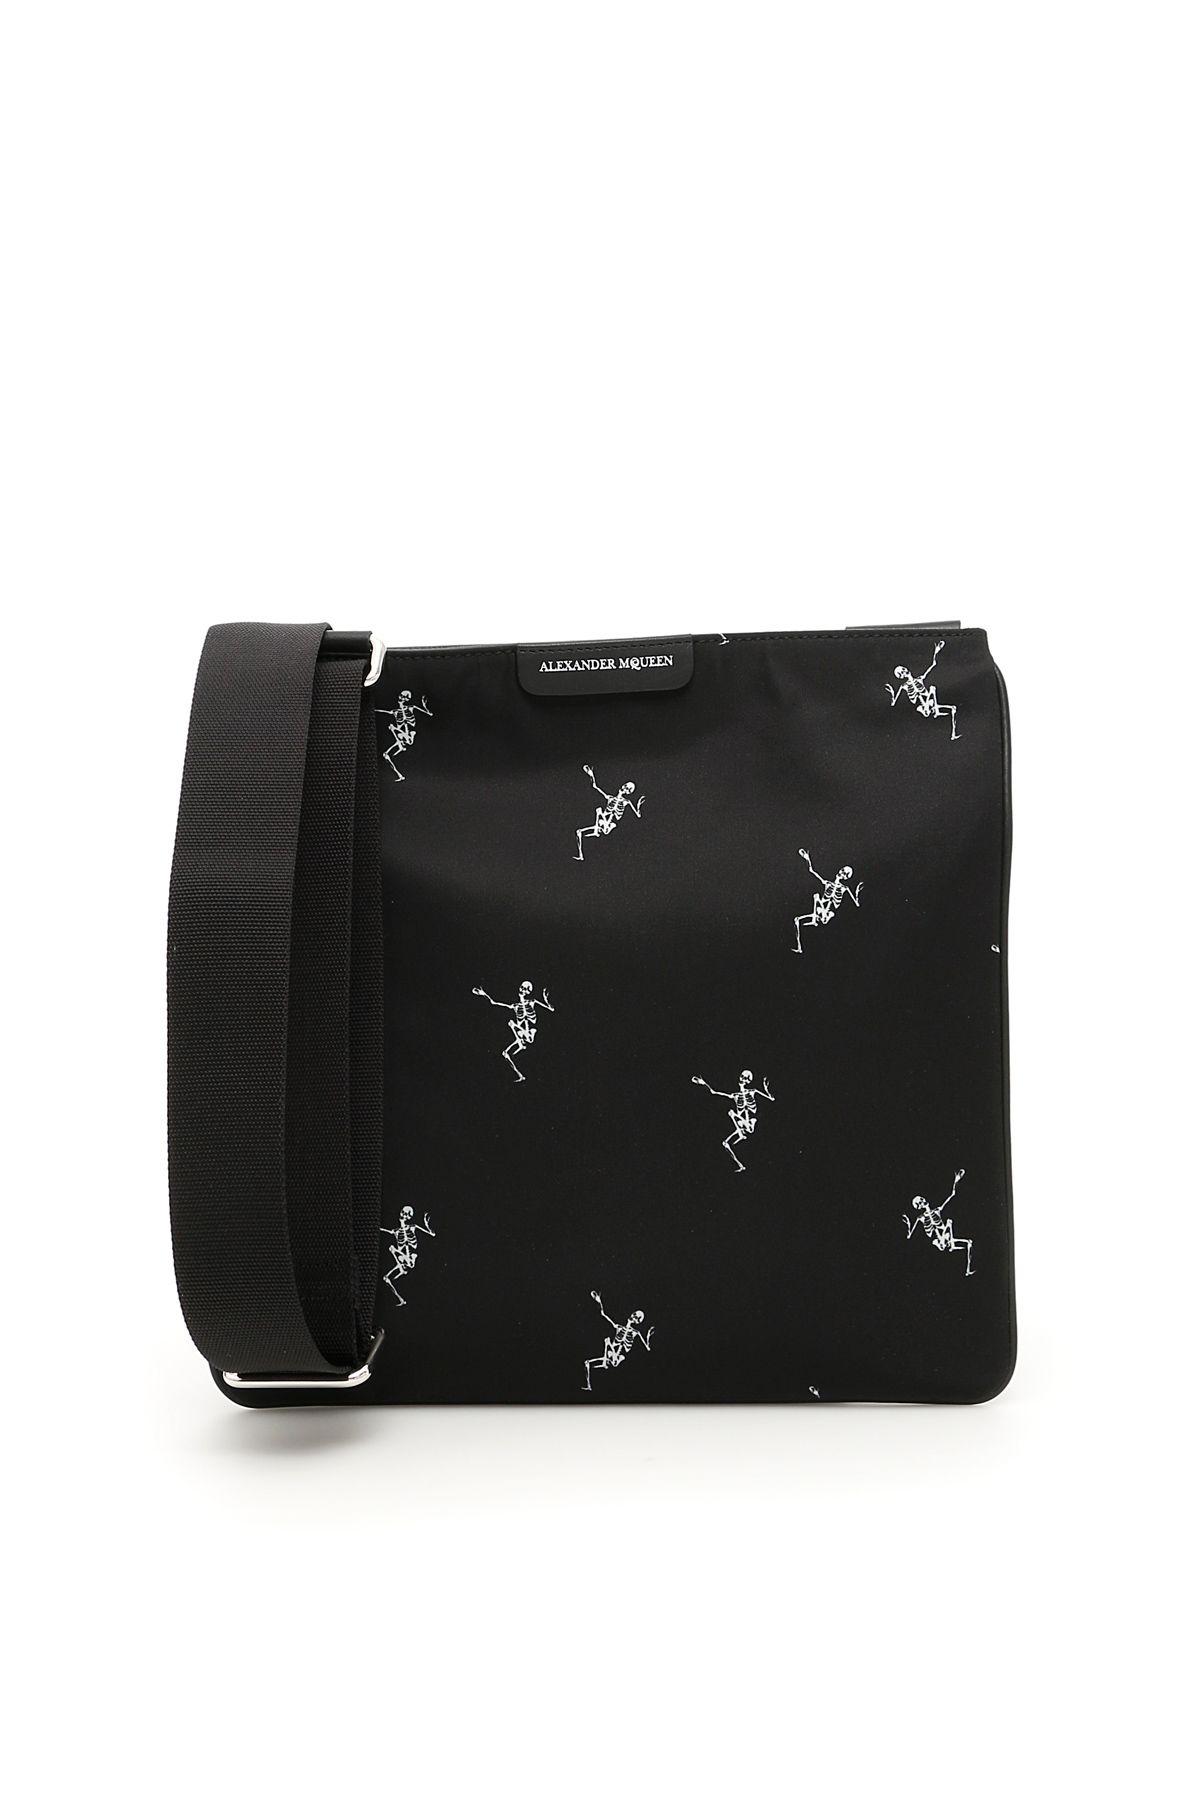 Alexander McQueen Dancing Skeleton Crossbody Bag